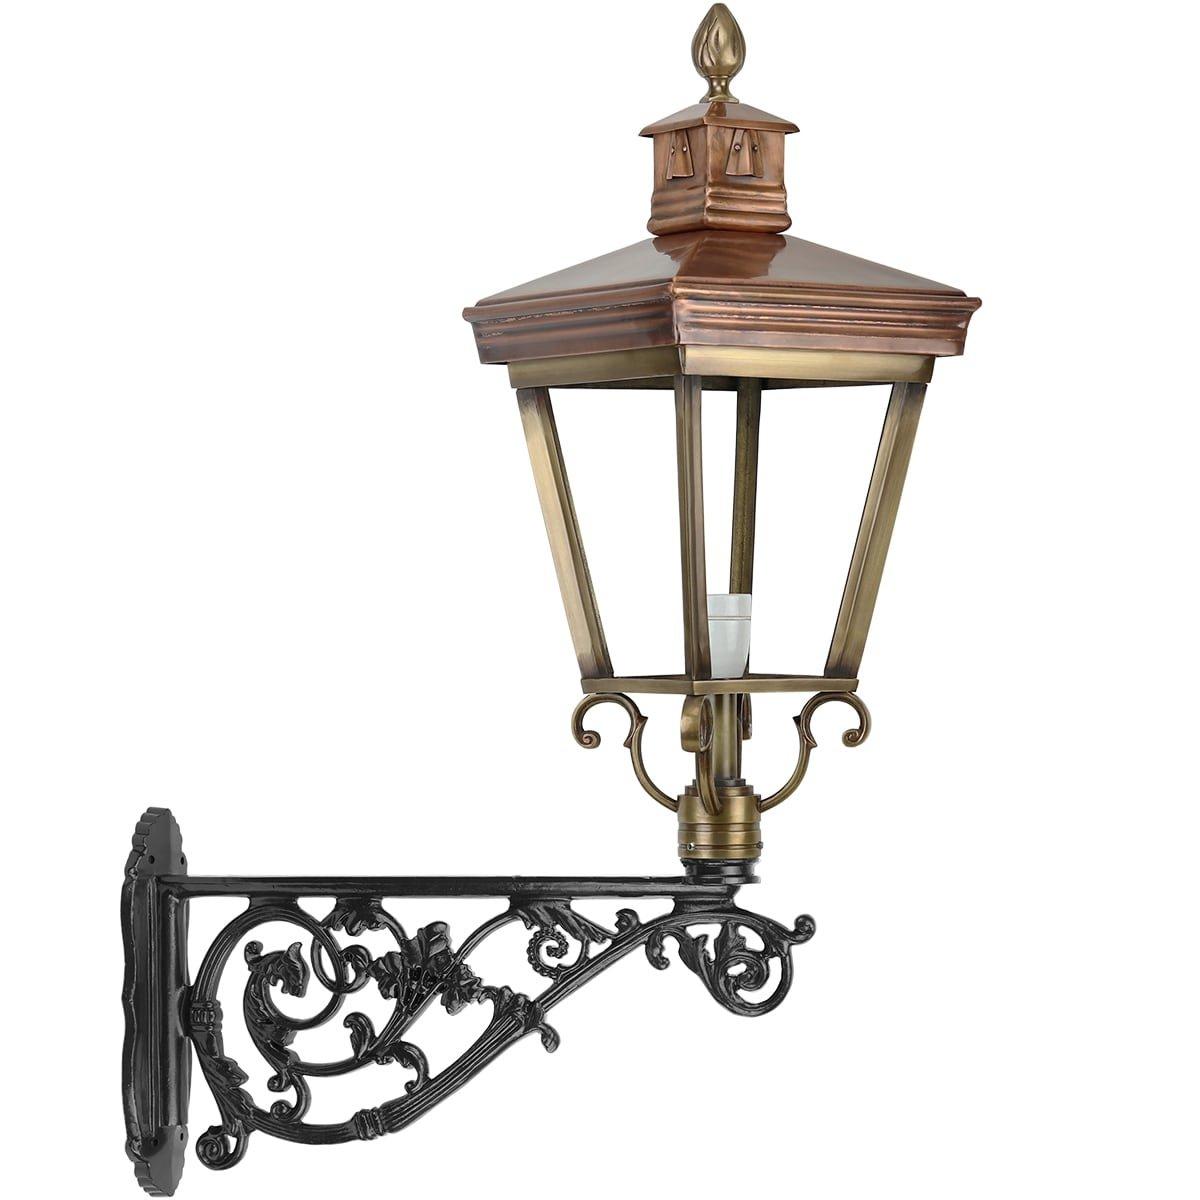 Outdoor Lighting Classic Rural Wall lantern outside Asschat bronze - 144 cm